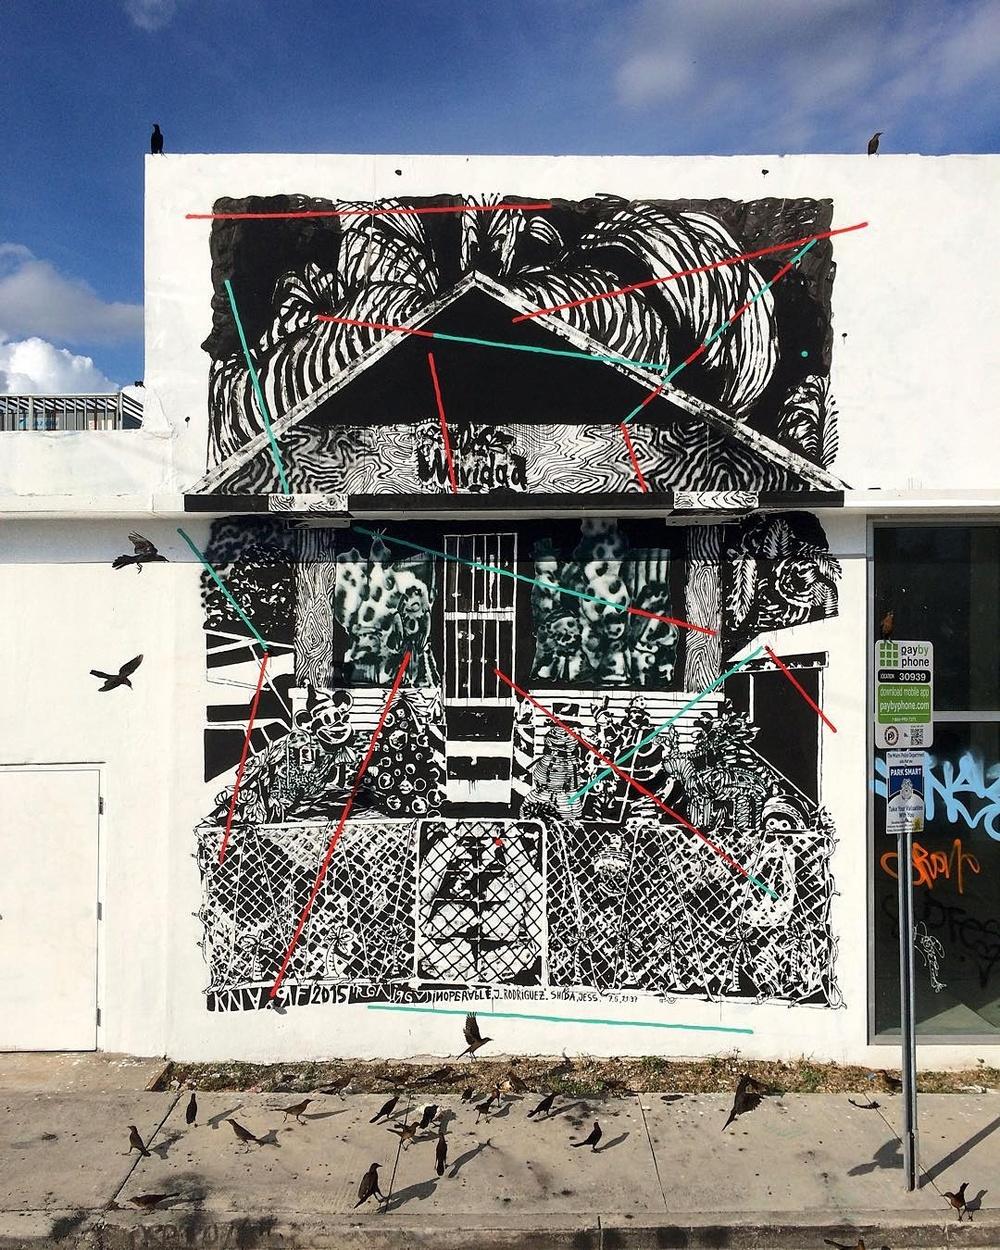 KNARF,Wynwood Miami